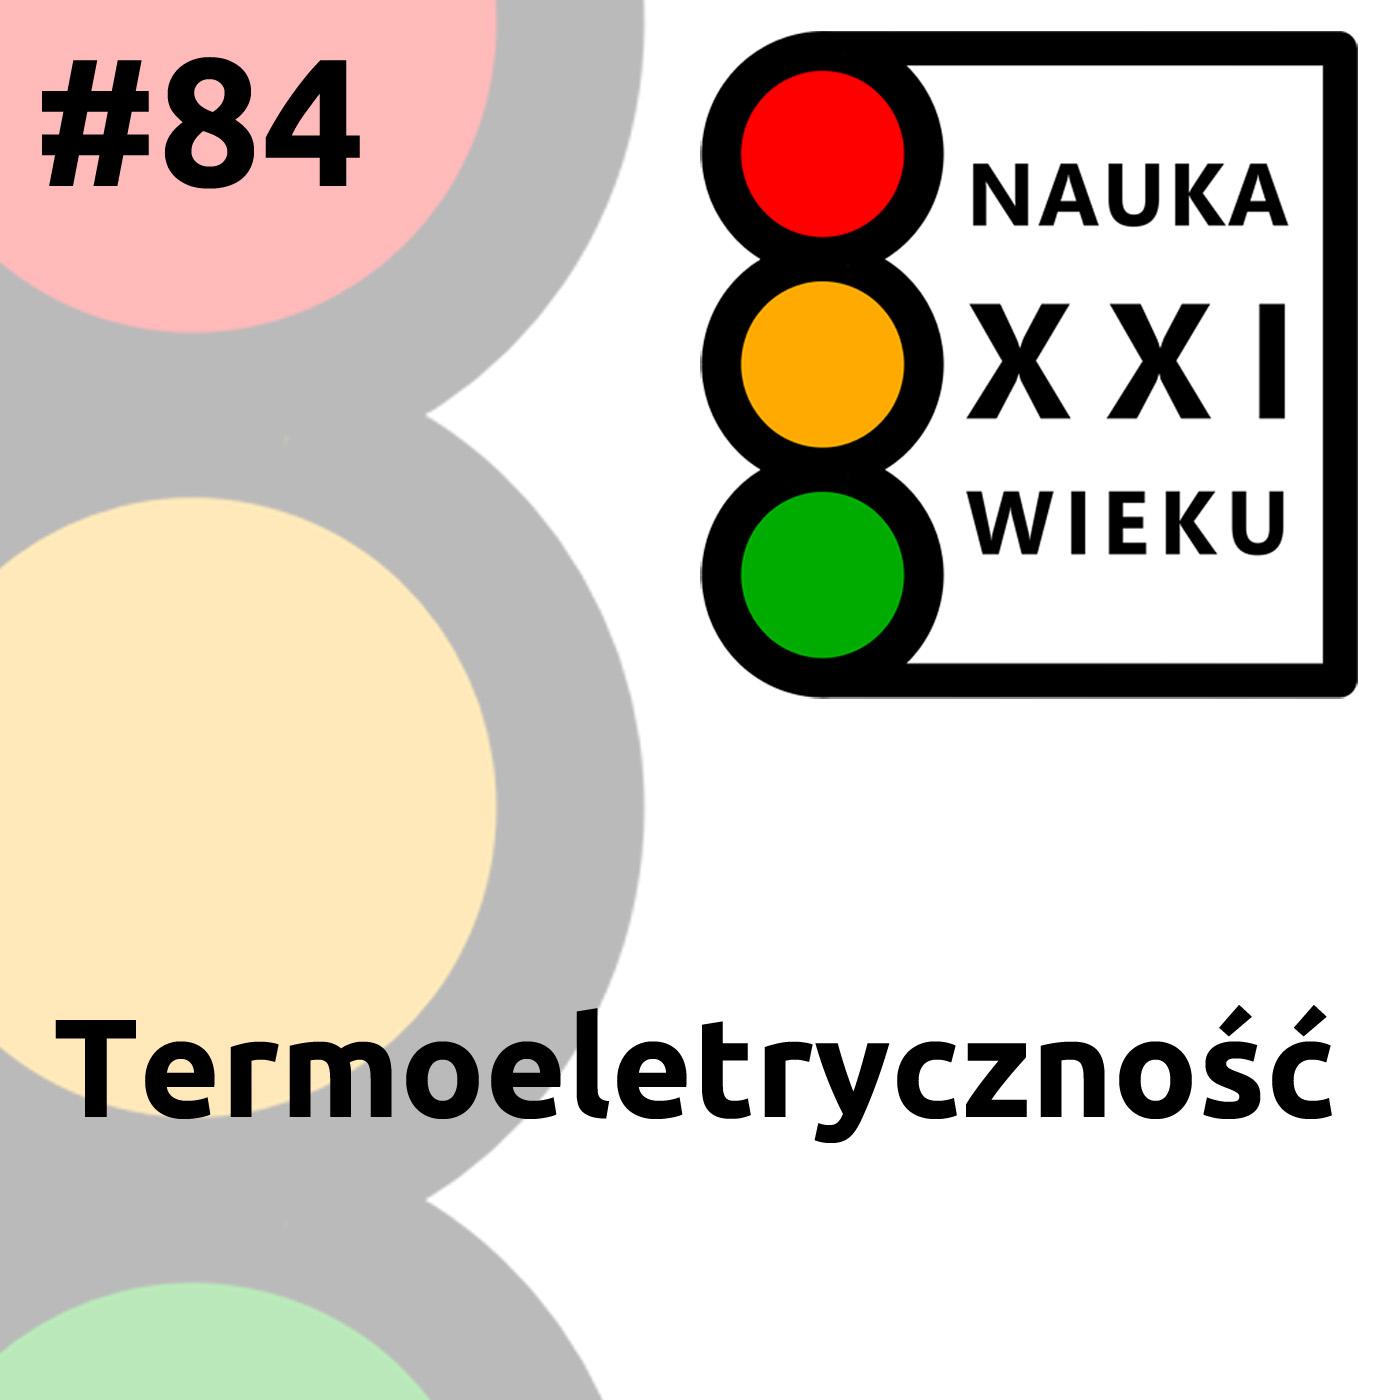 #84 - Termoelektryczność